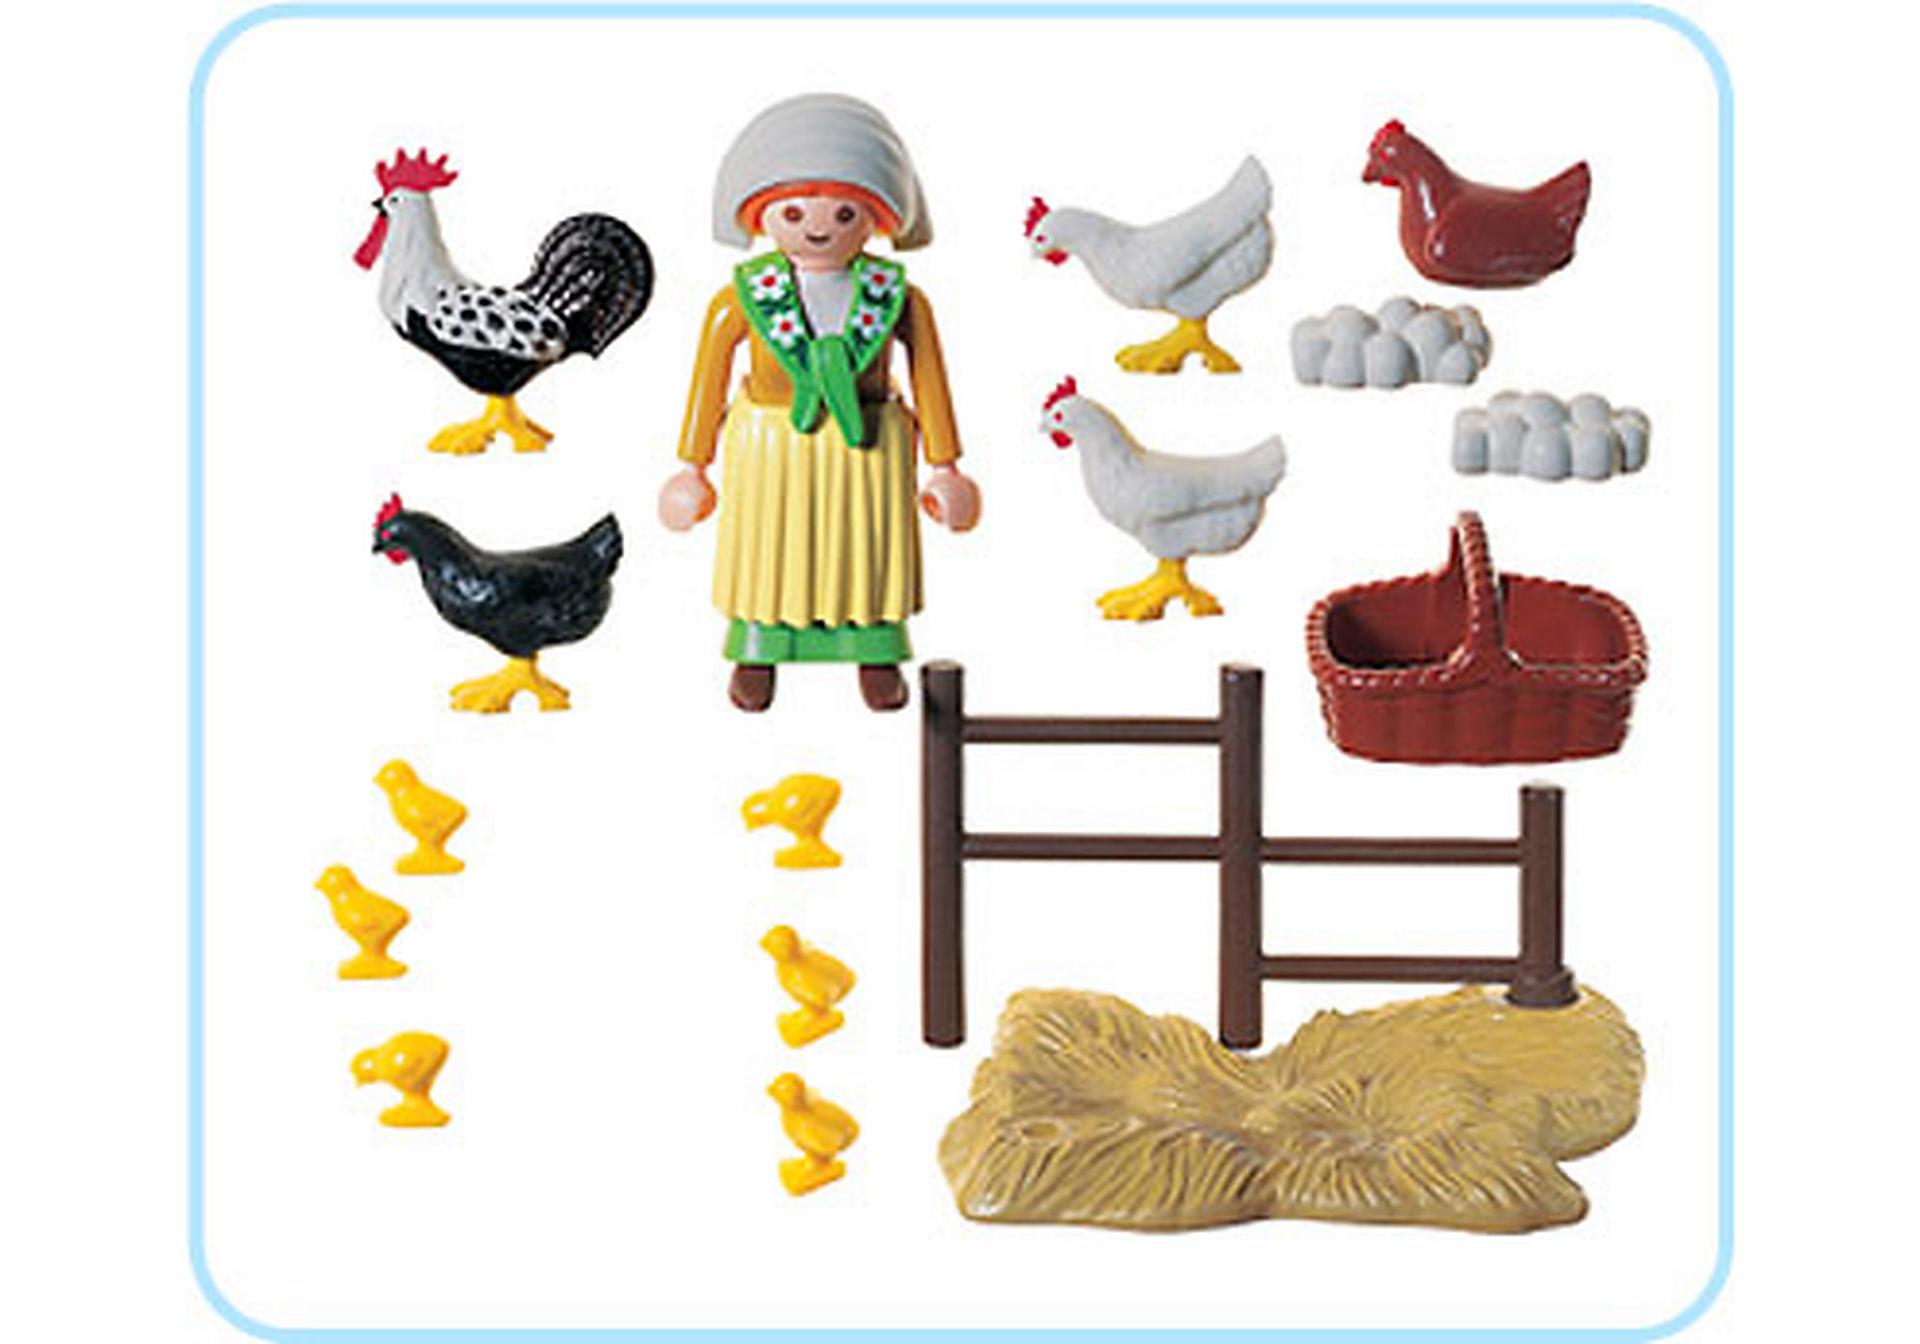 3076-A Bäuerin / Hühnerschar zoom image2